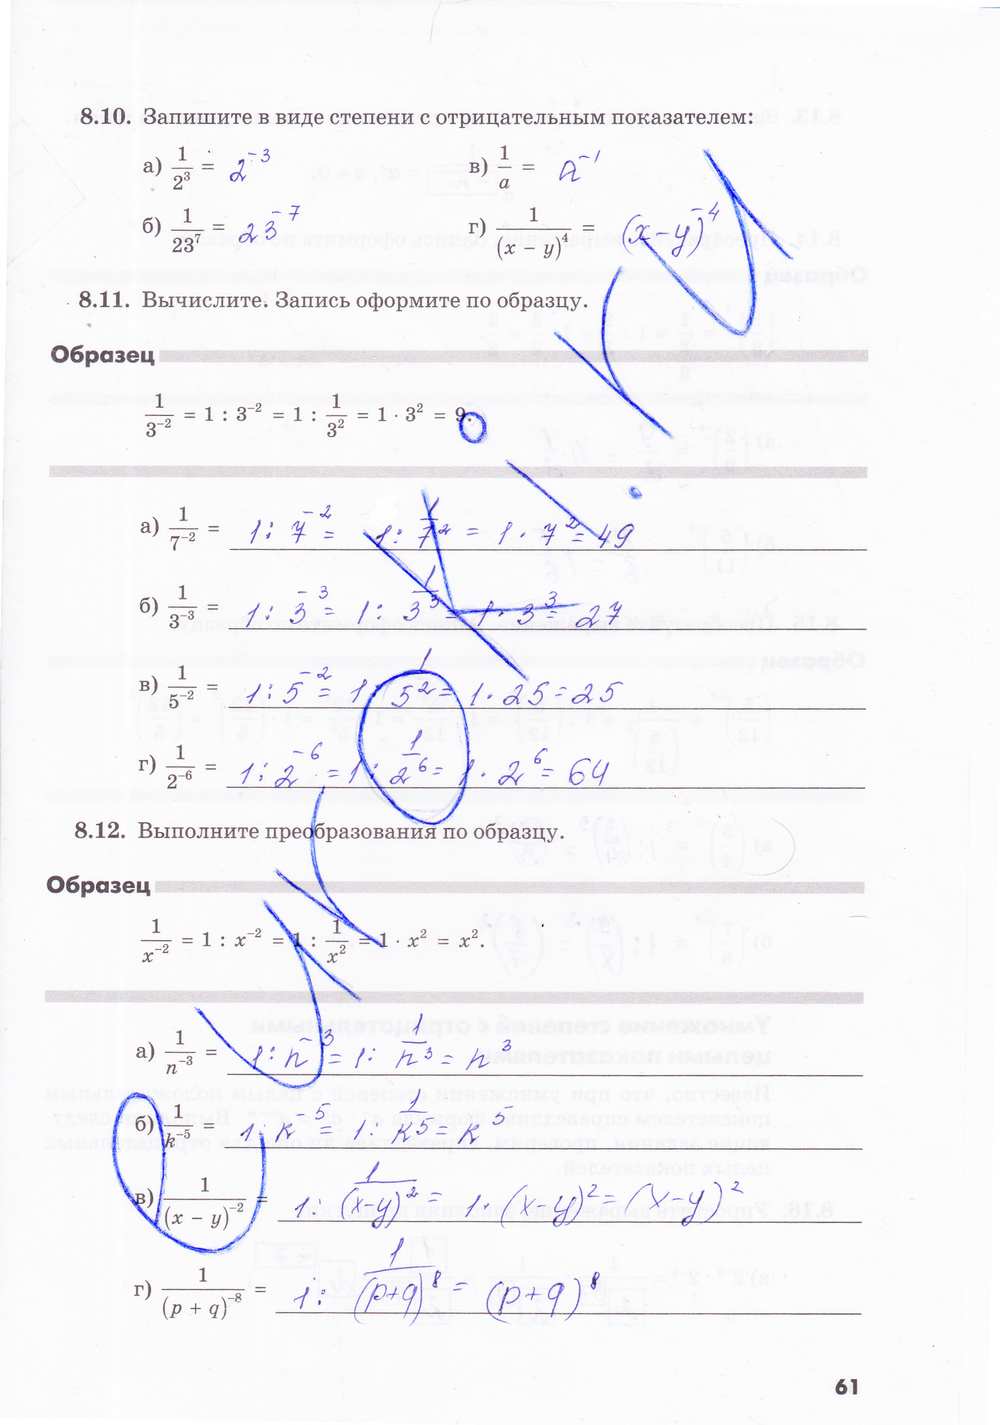 алгебра 8 класс зубарева рабочая тетрадь 1 часть гдз